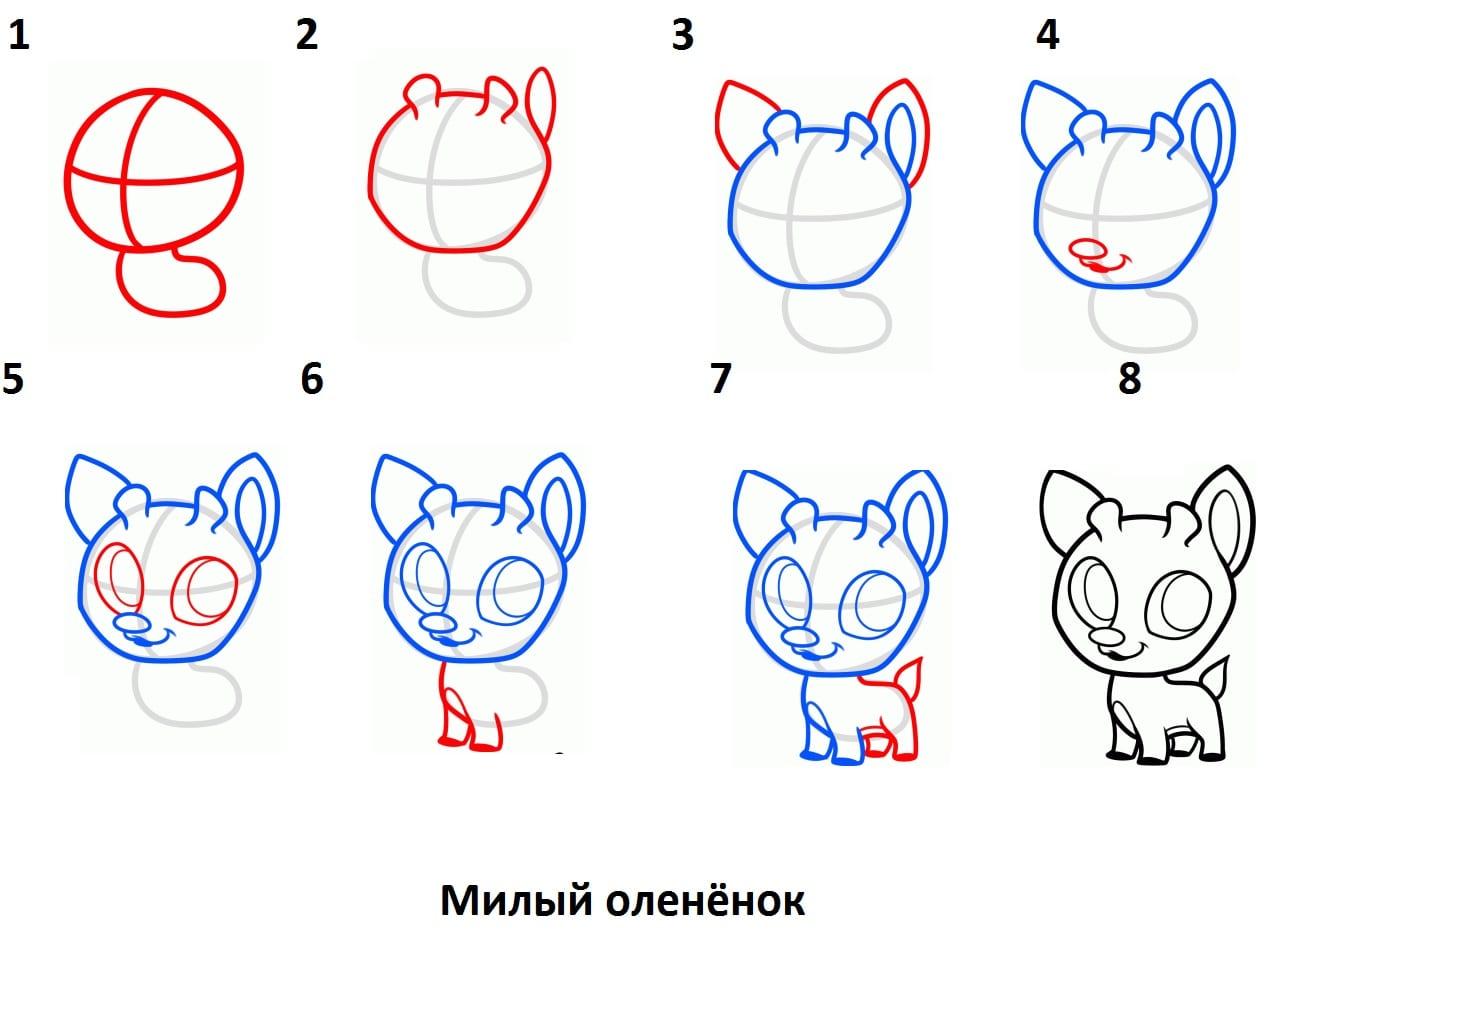 Как нарисовать милого олененка